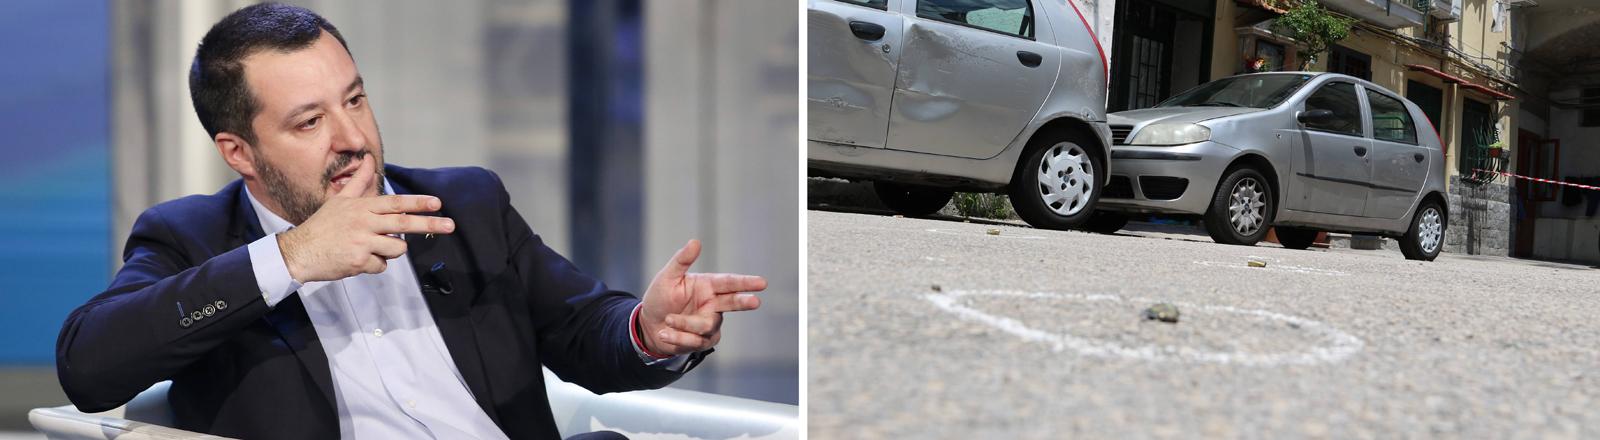 Notwehrrechte ausgeweitet: Matteo Salvini, der italienische Innenminister, legt an und Tatort einer Schießerei in Neapel